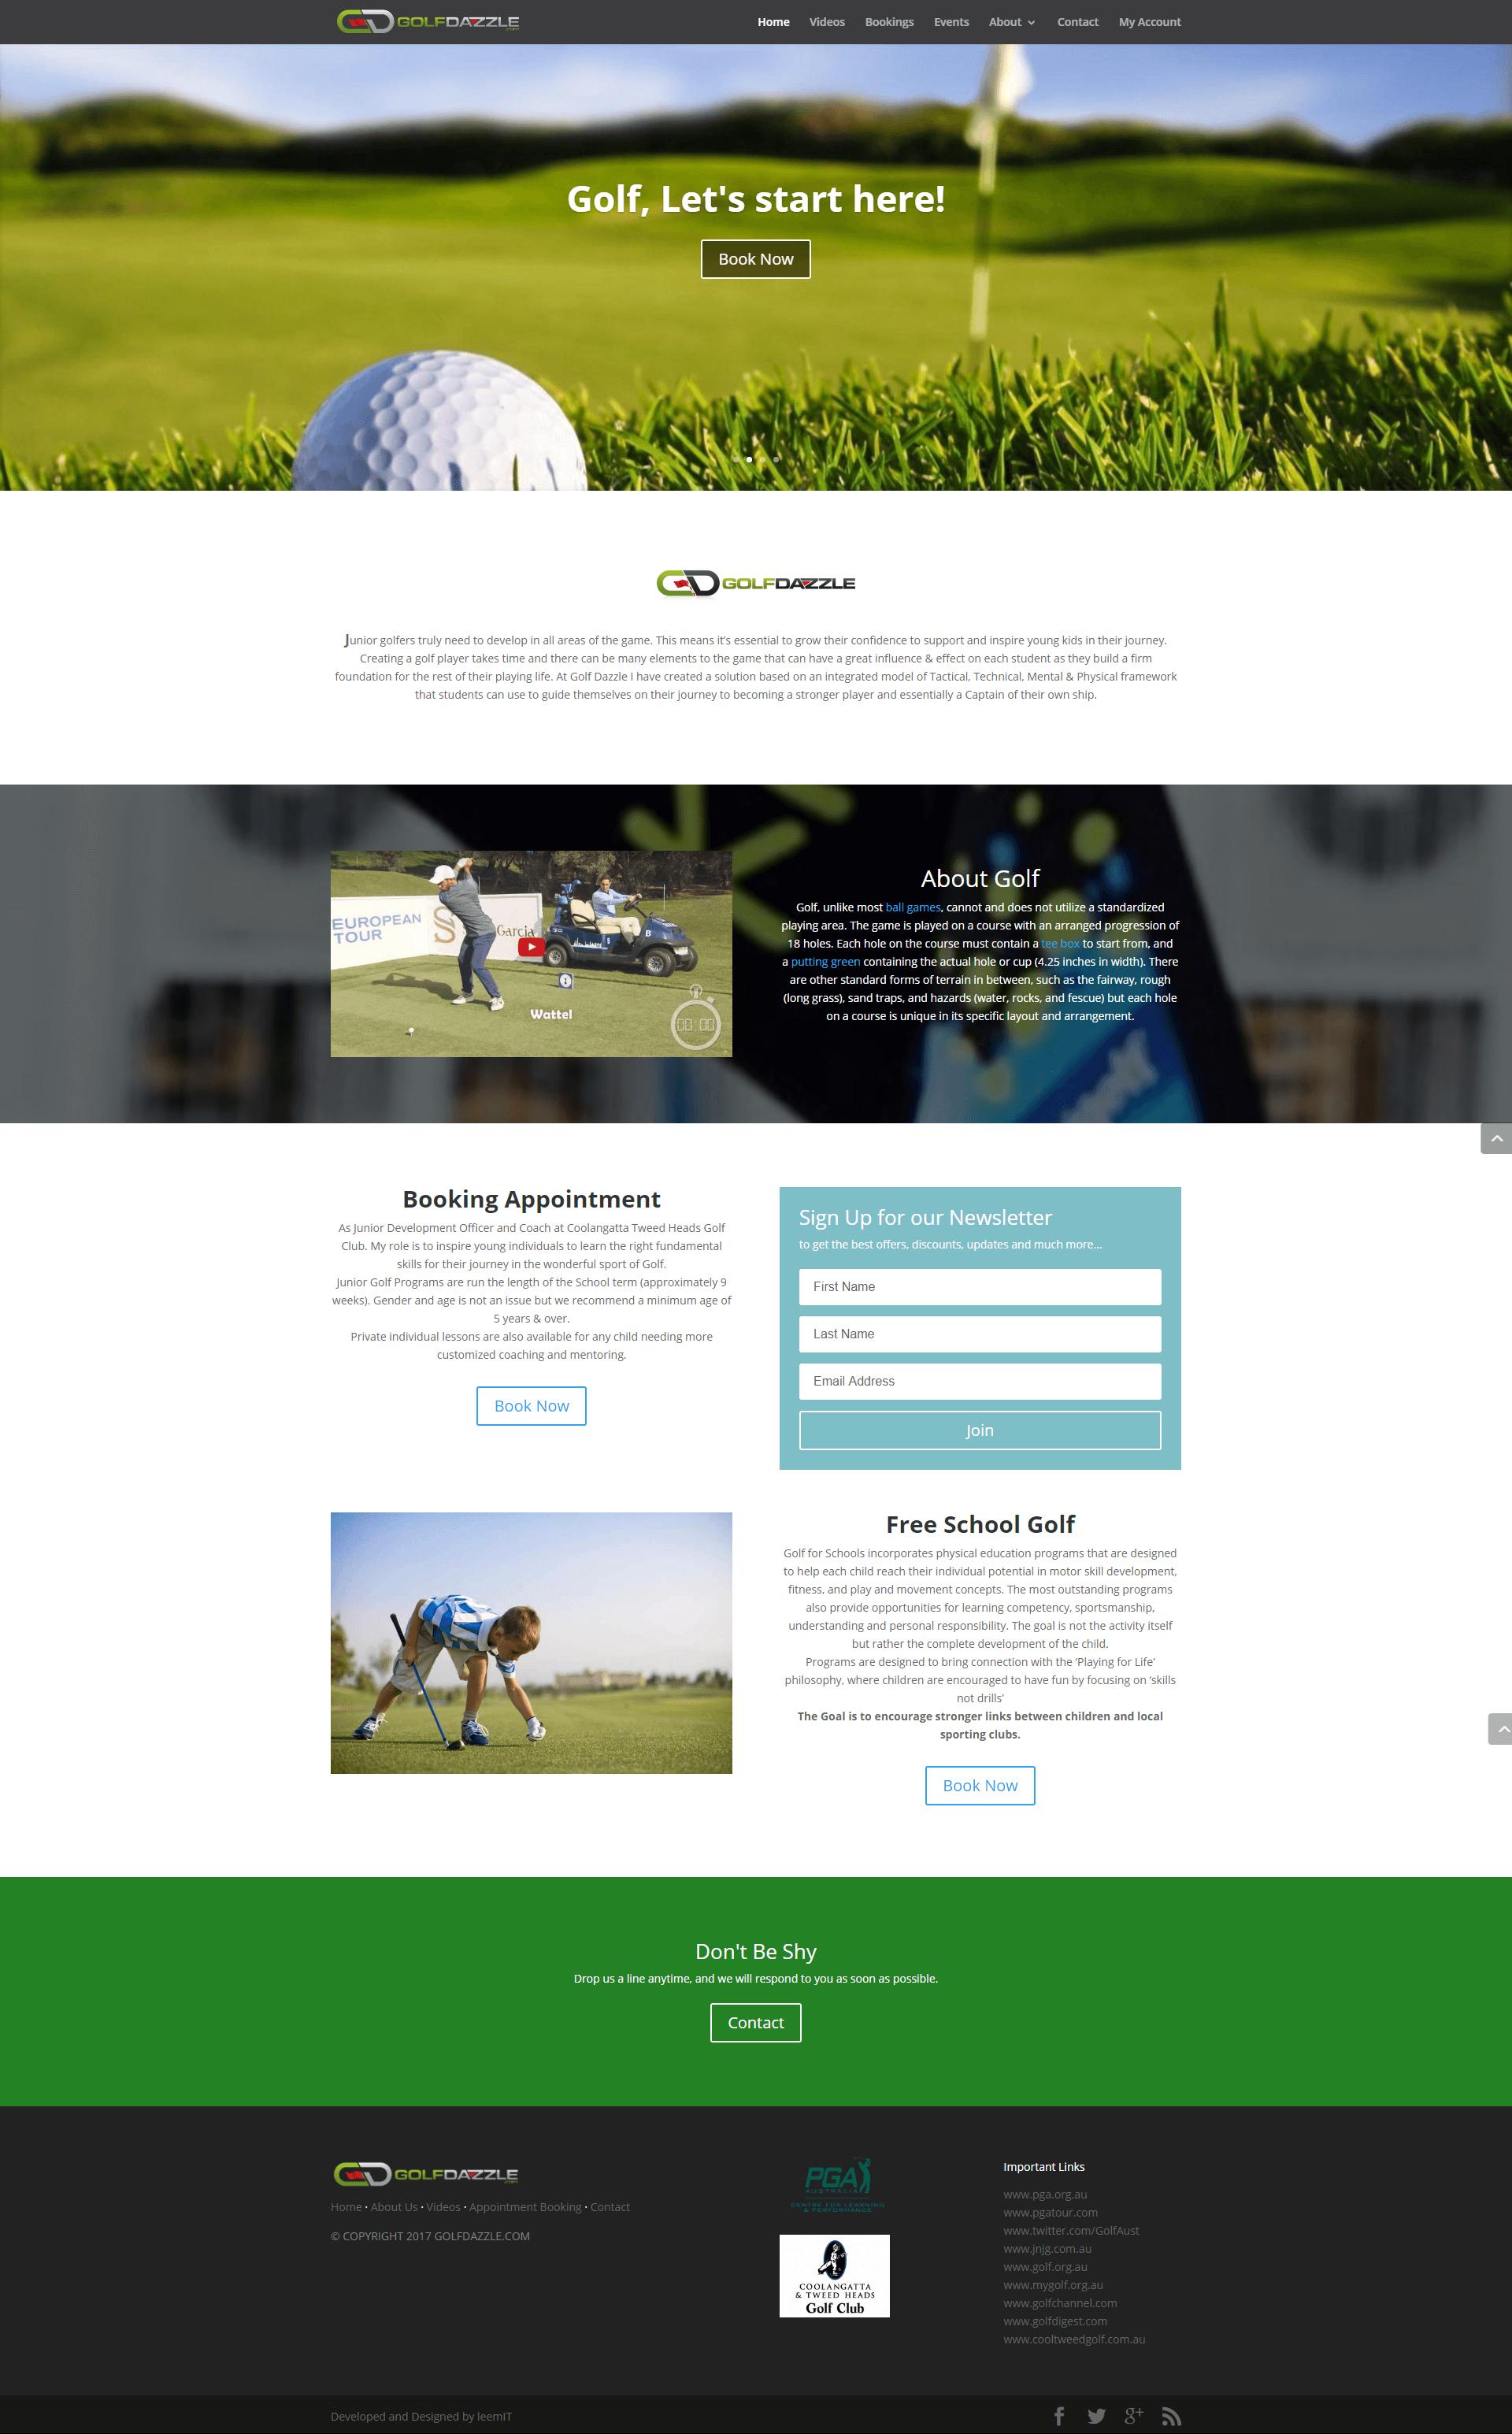 Golfdazzle.com